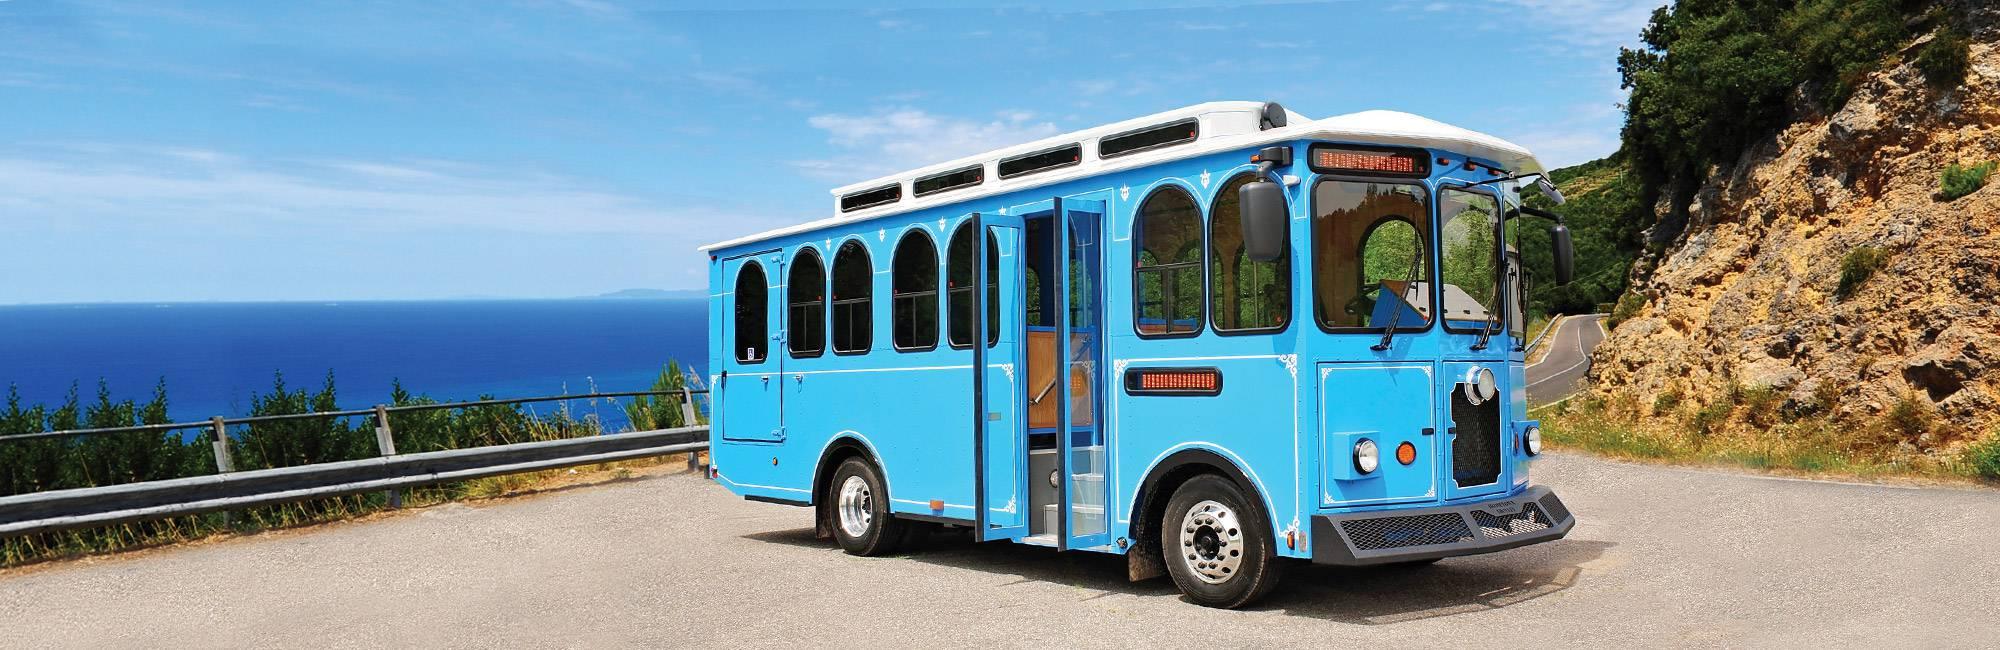 New-buses-Trolley-5.jpg